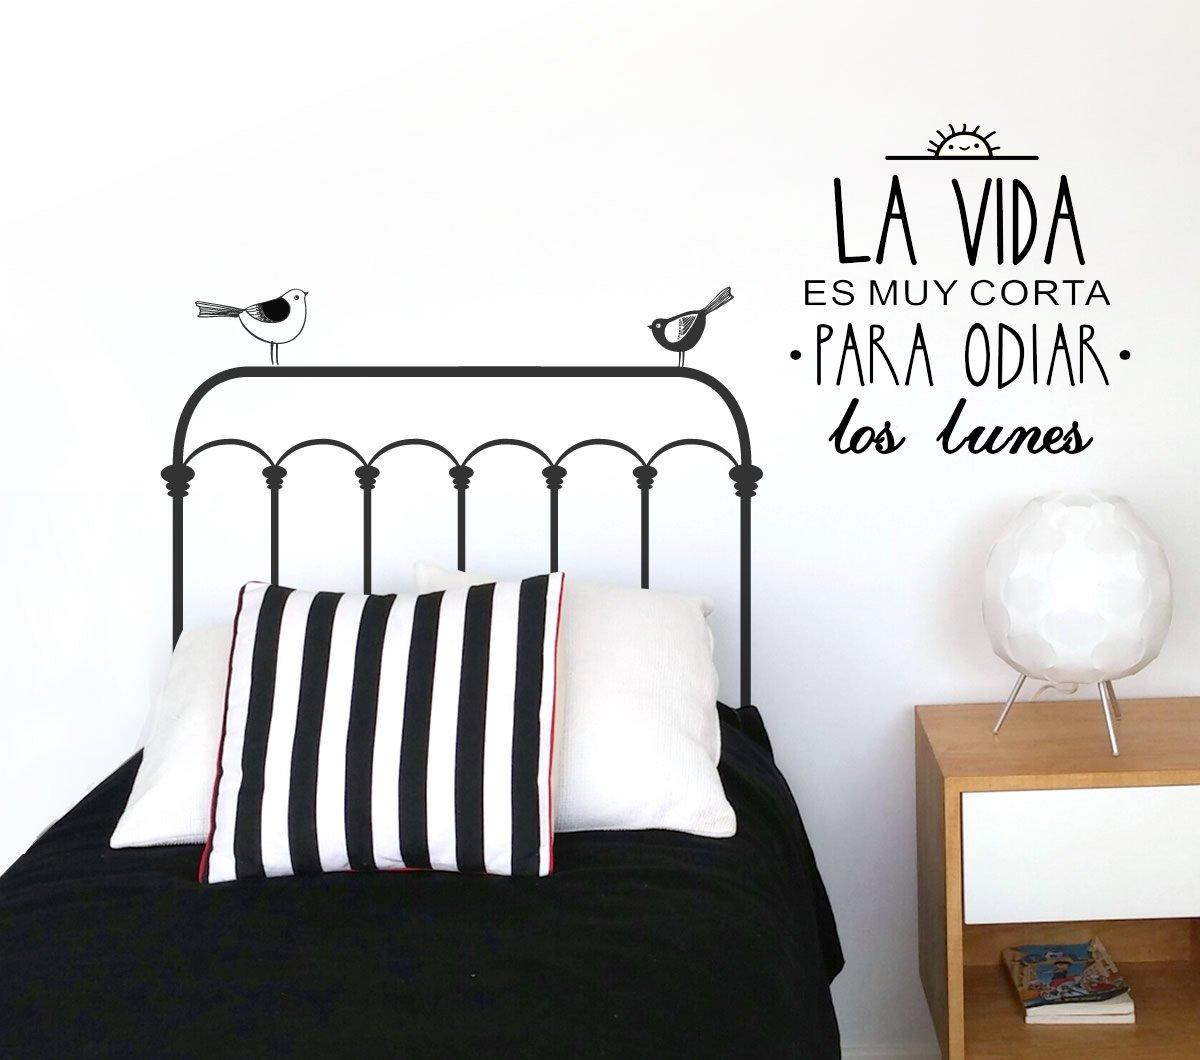 Frase vinilo la vida es muy corta vinilos decorativos for Programa para decorar habitaciones online